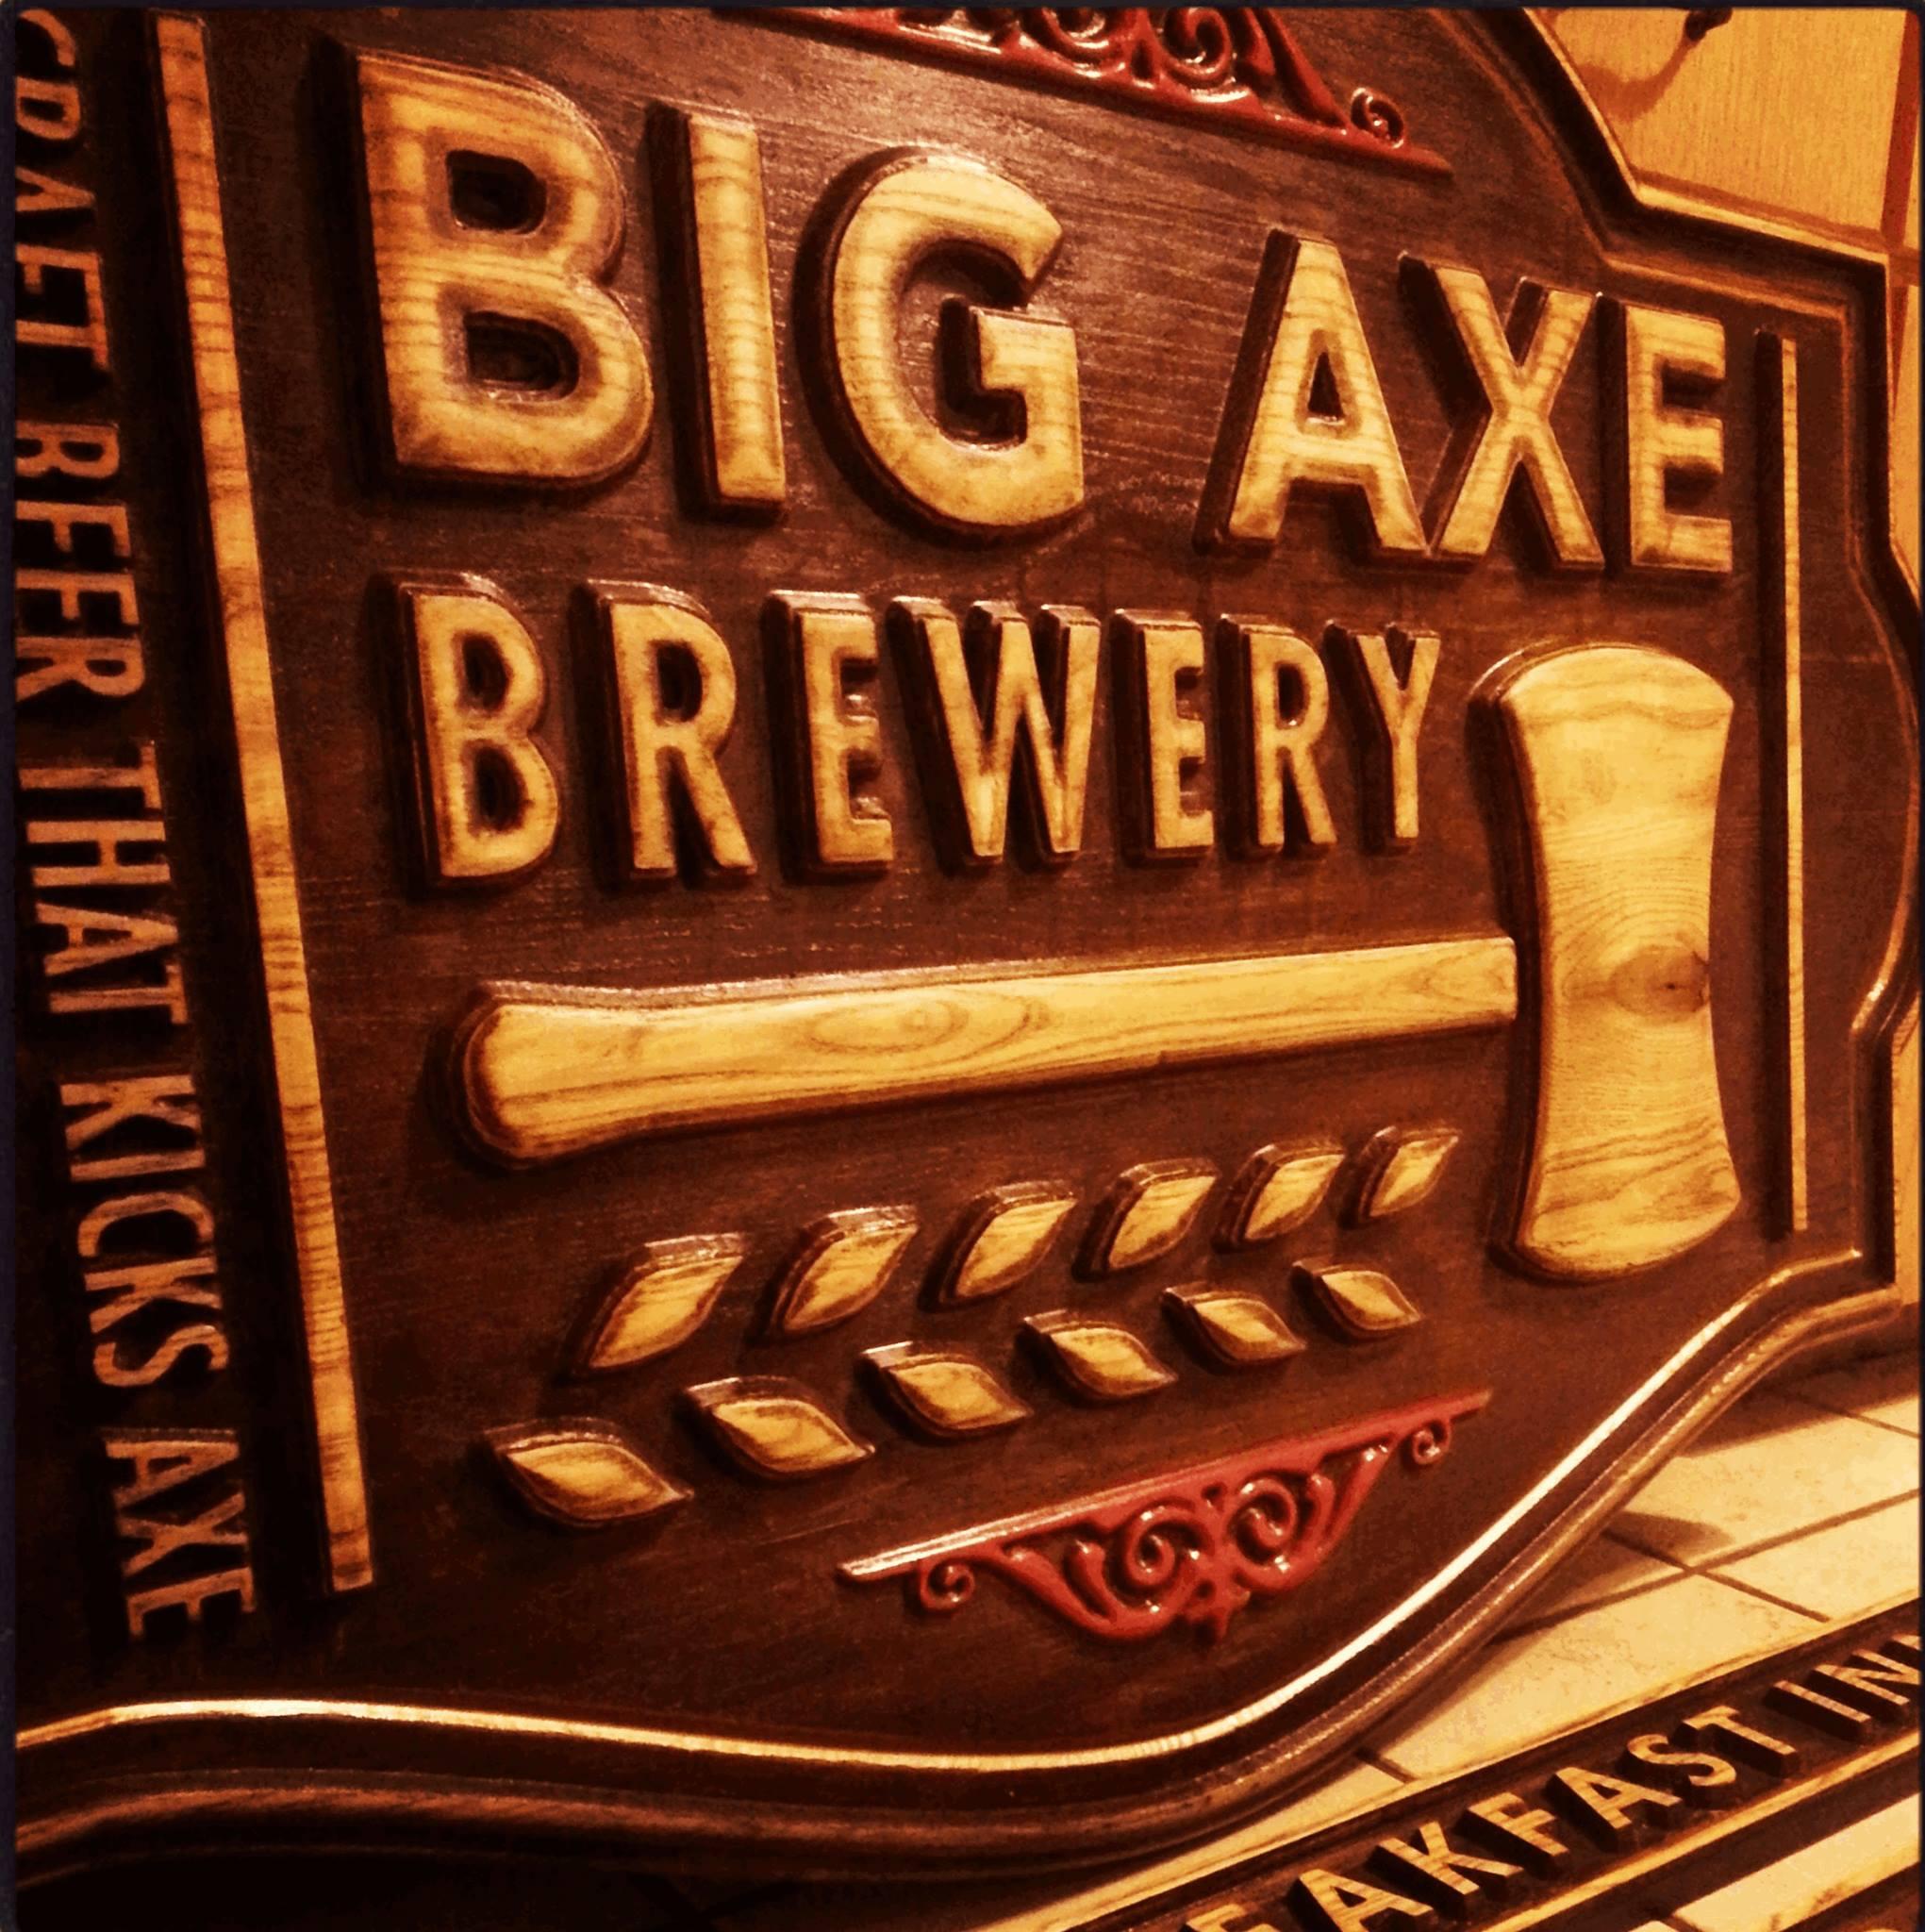 BigAxe1